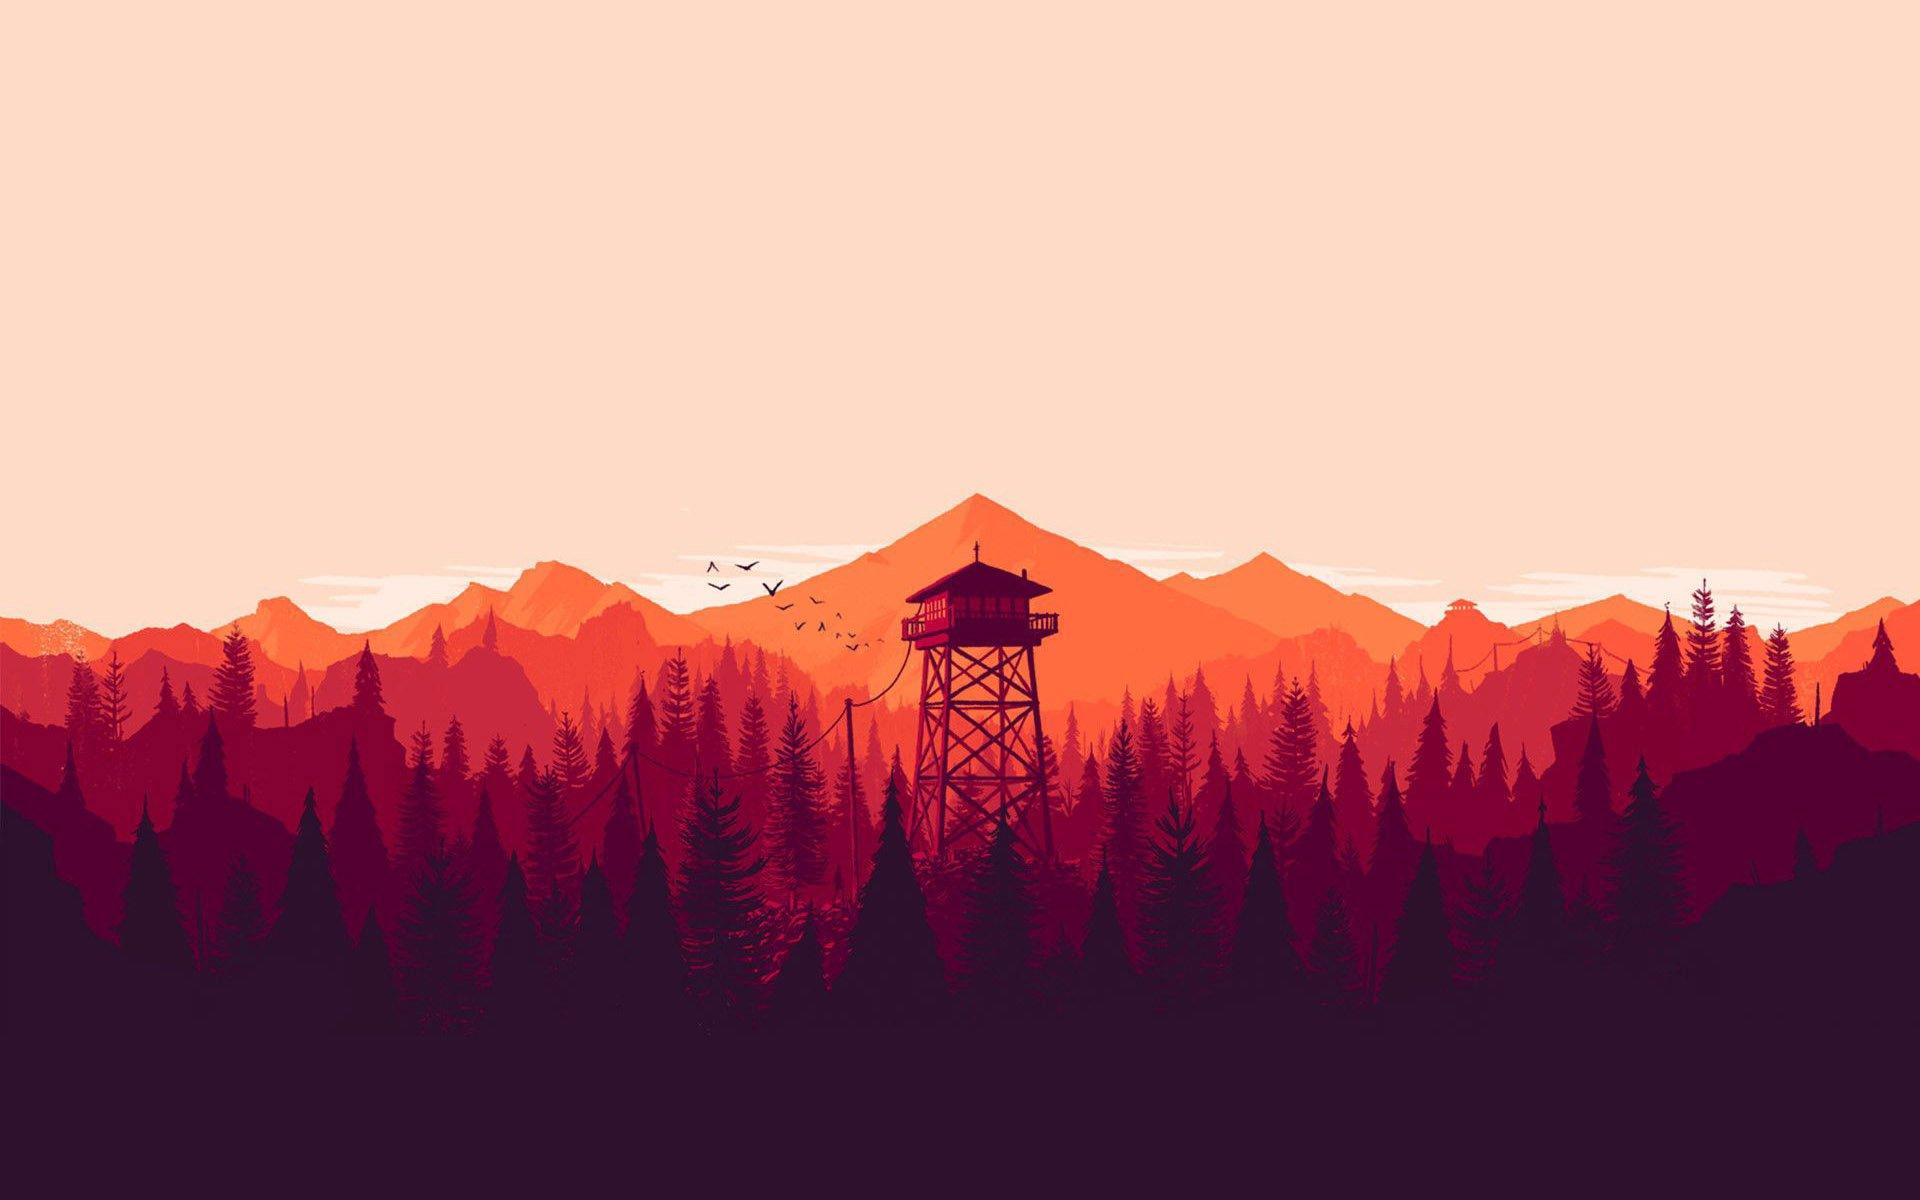 Firewatch - борода и дикая природа(обзор) - Изображение 2